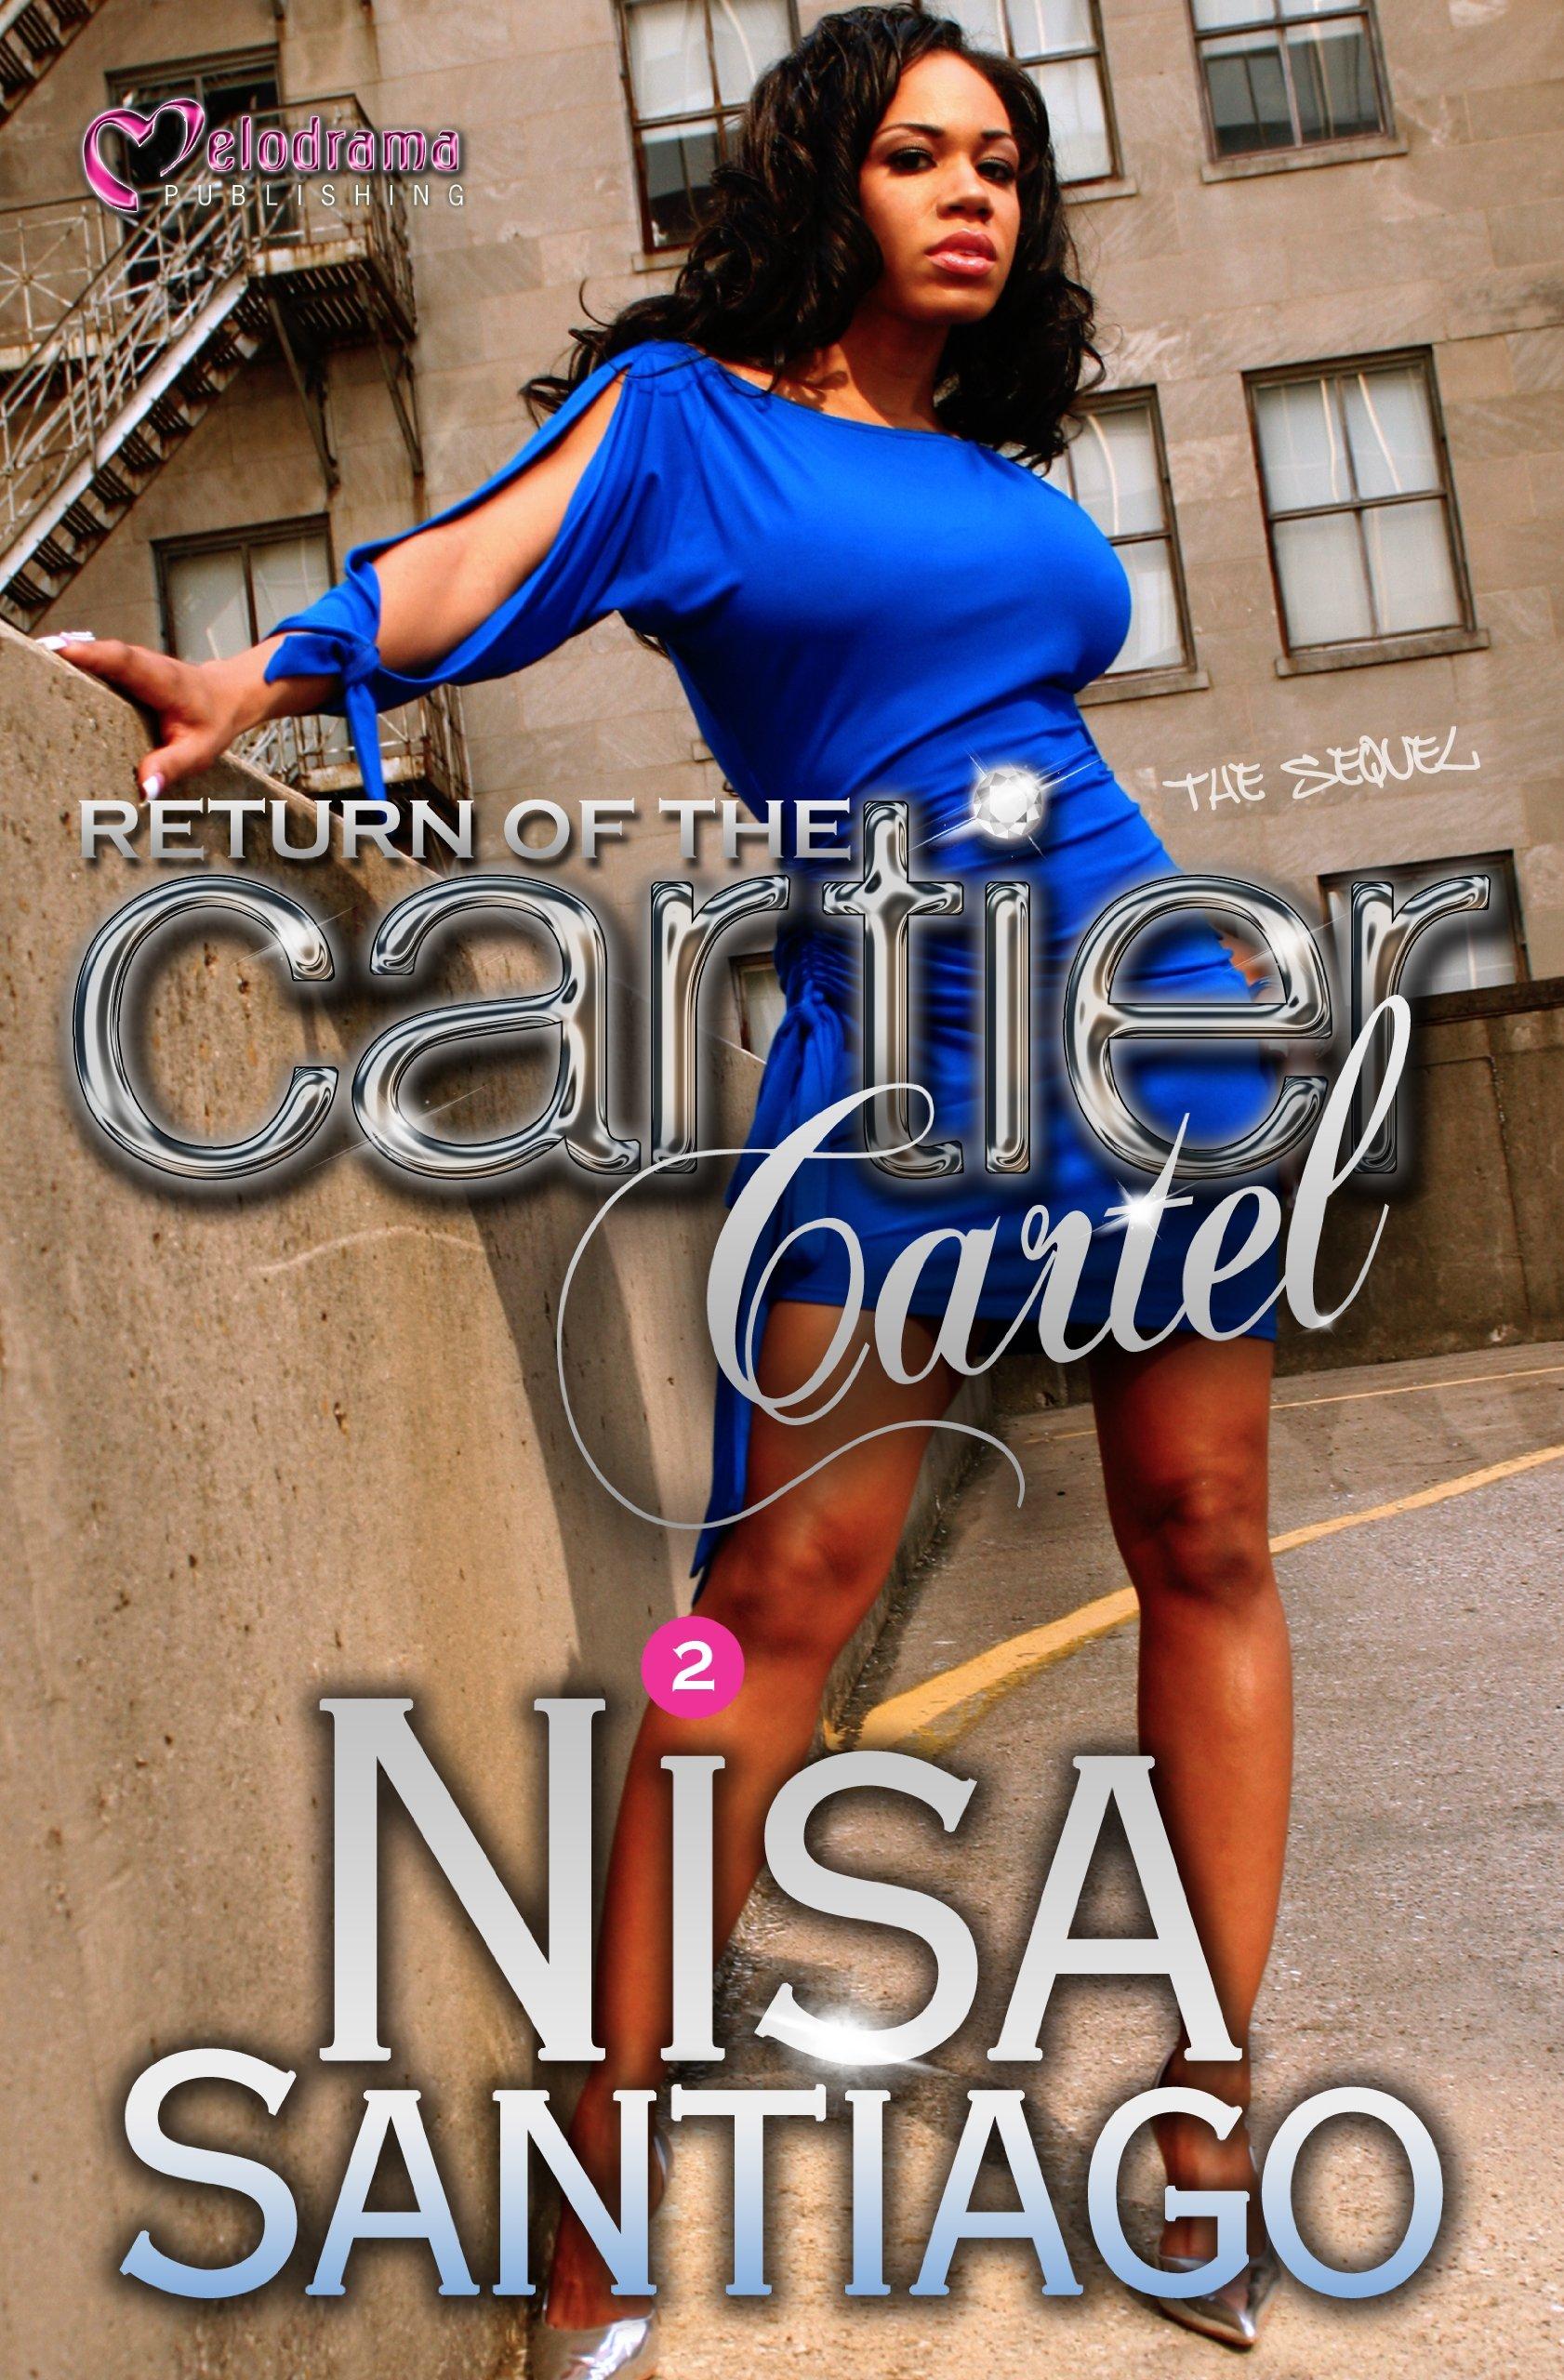 Return of the Cartier Cartel (Part 2): Amazon.es: Nisa ...